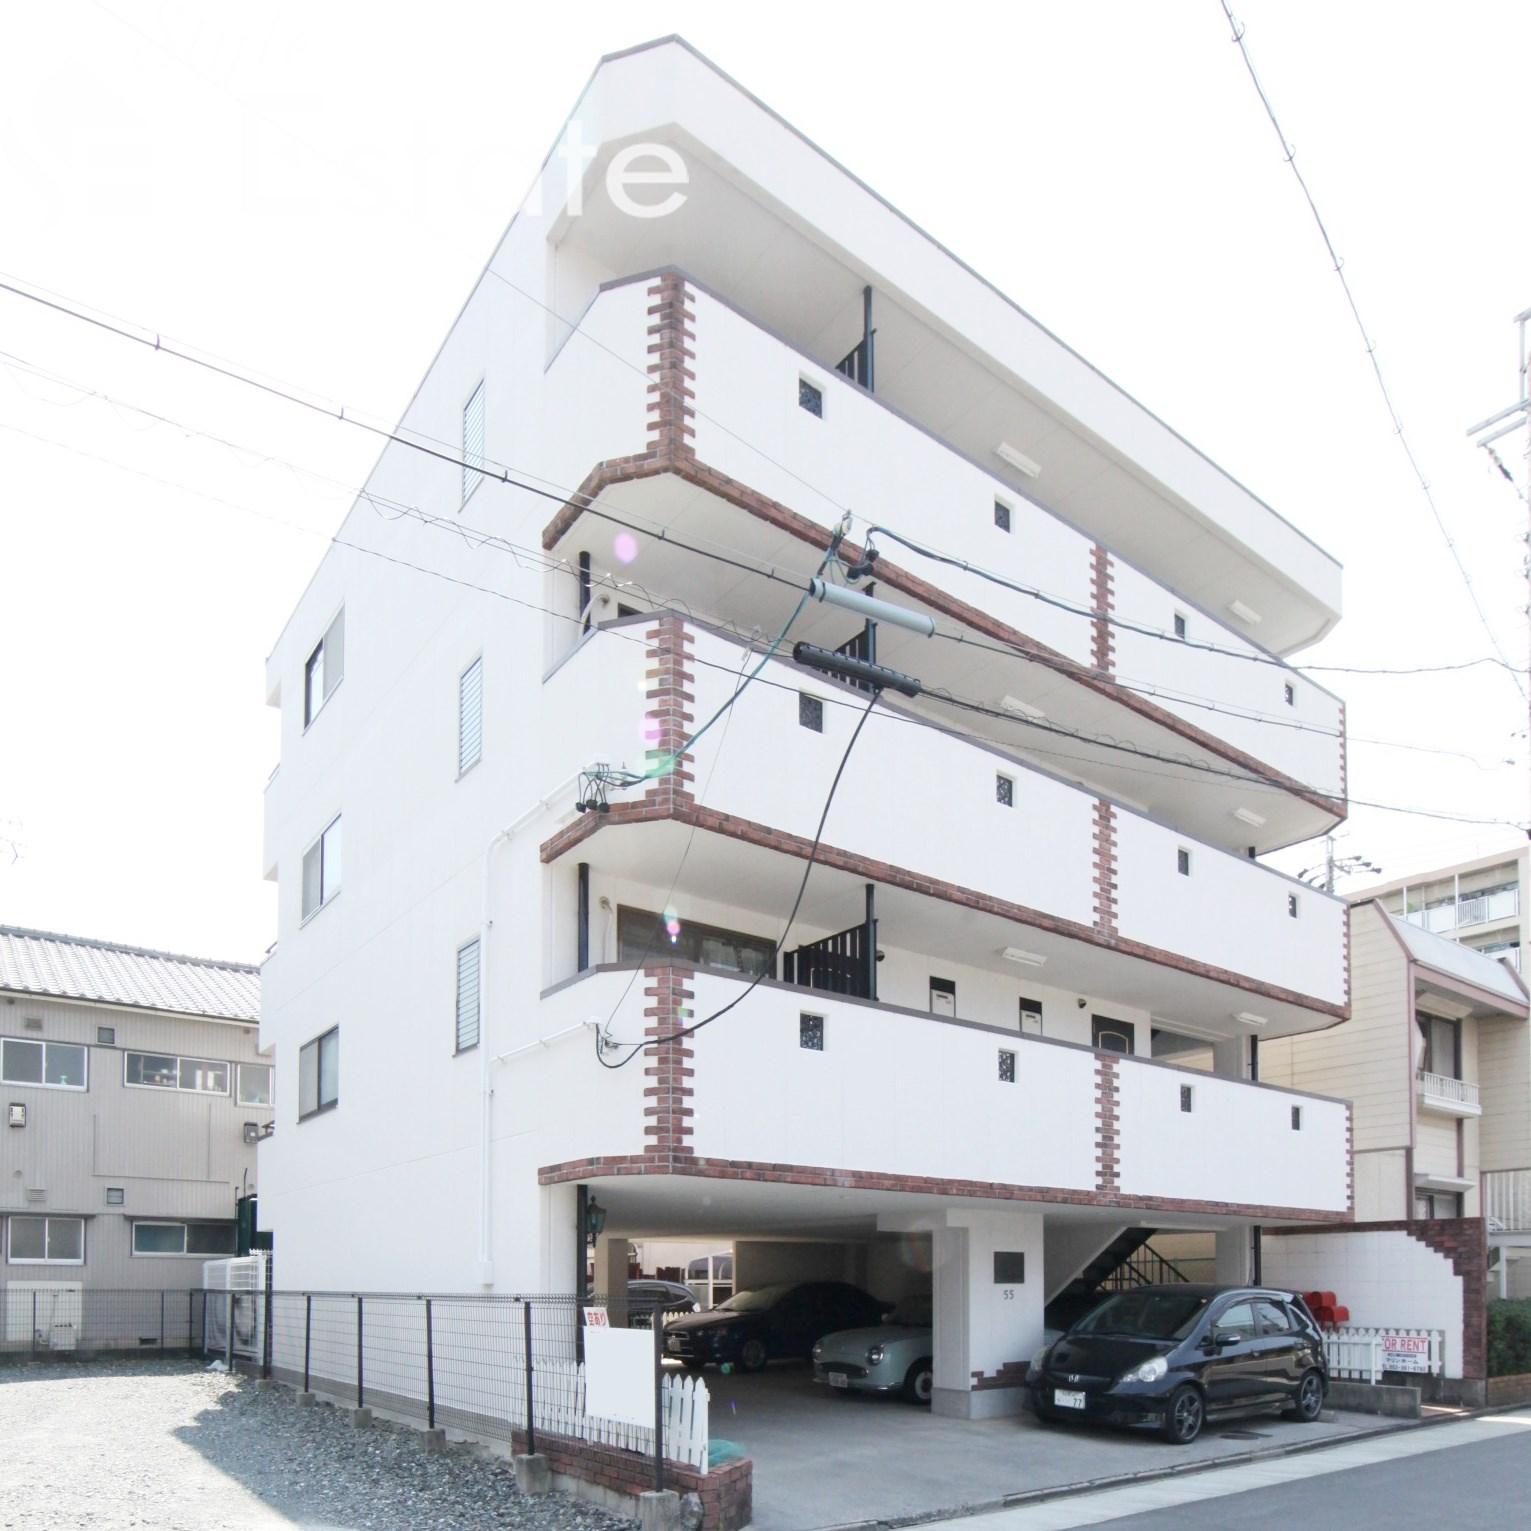 マメゾン弐番館(マメゾンニバンカン) 1026